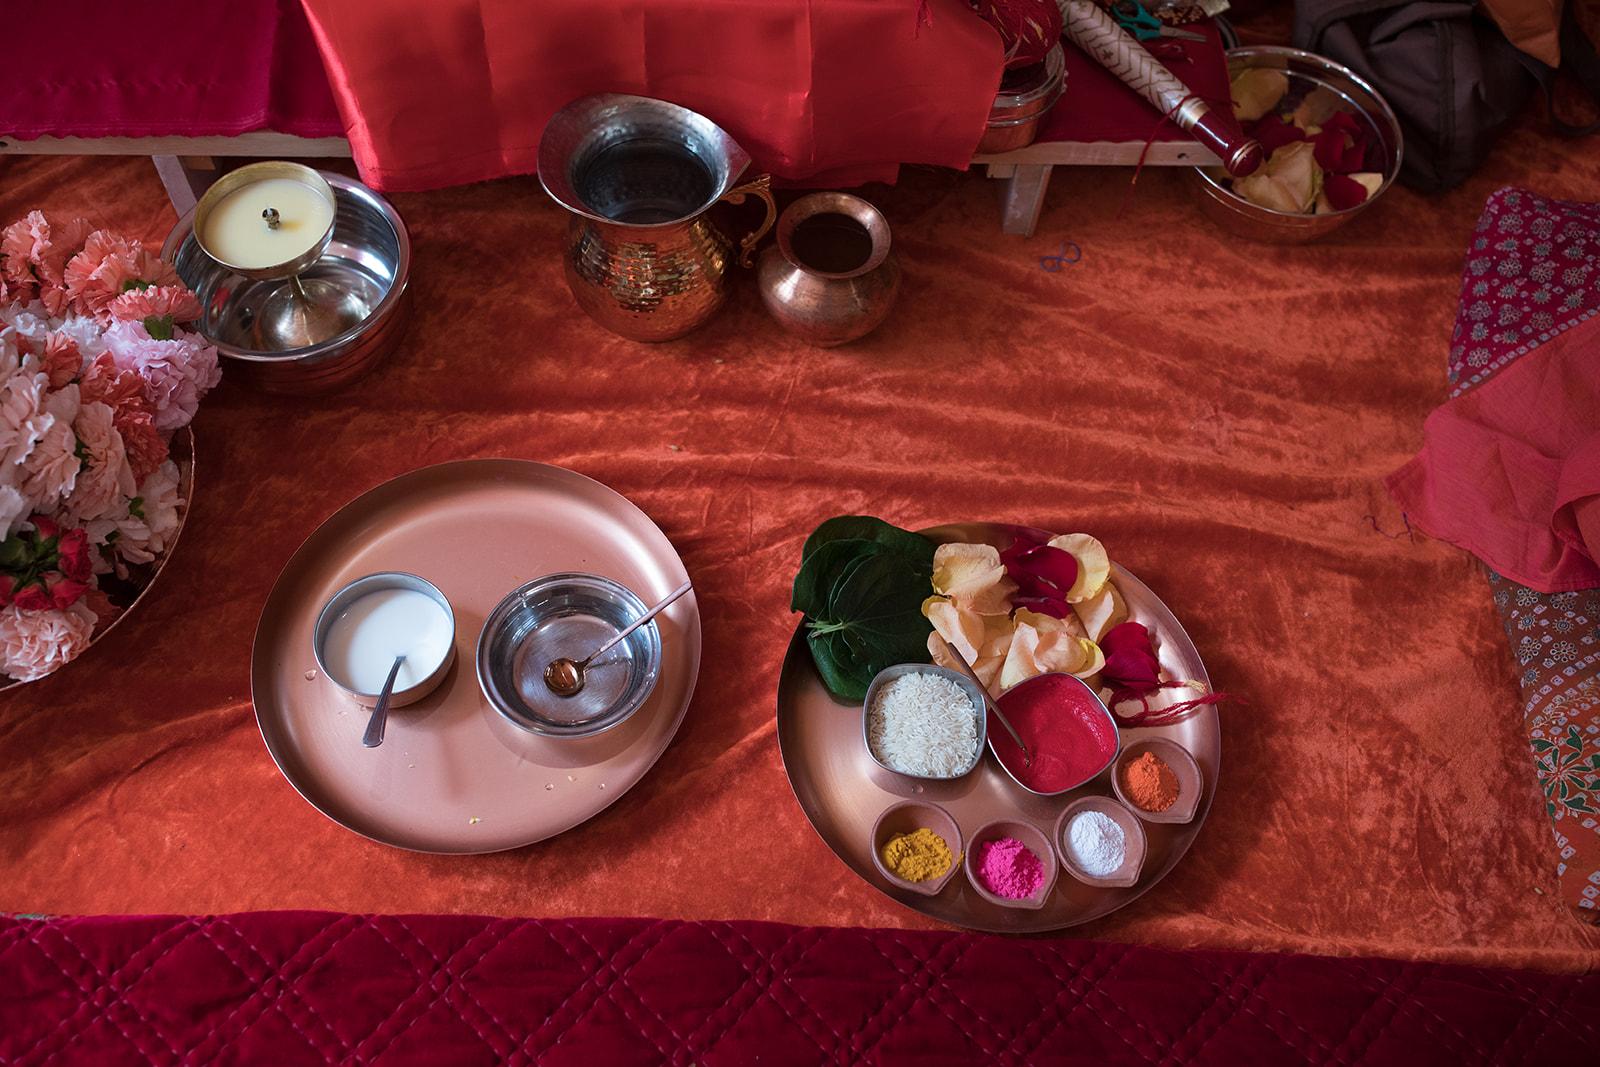 DAY 2 - Pithi